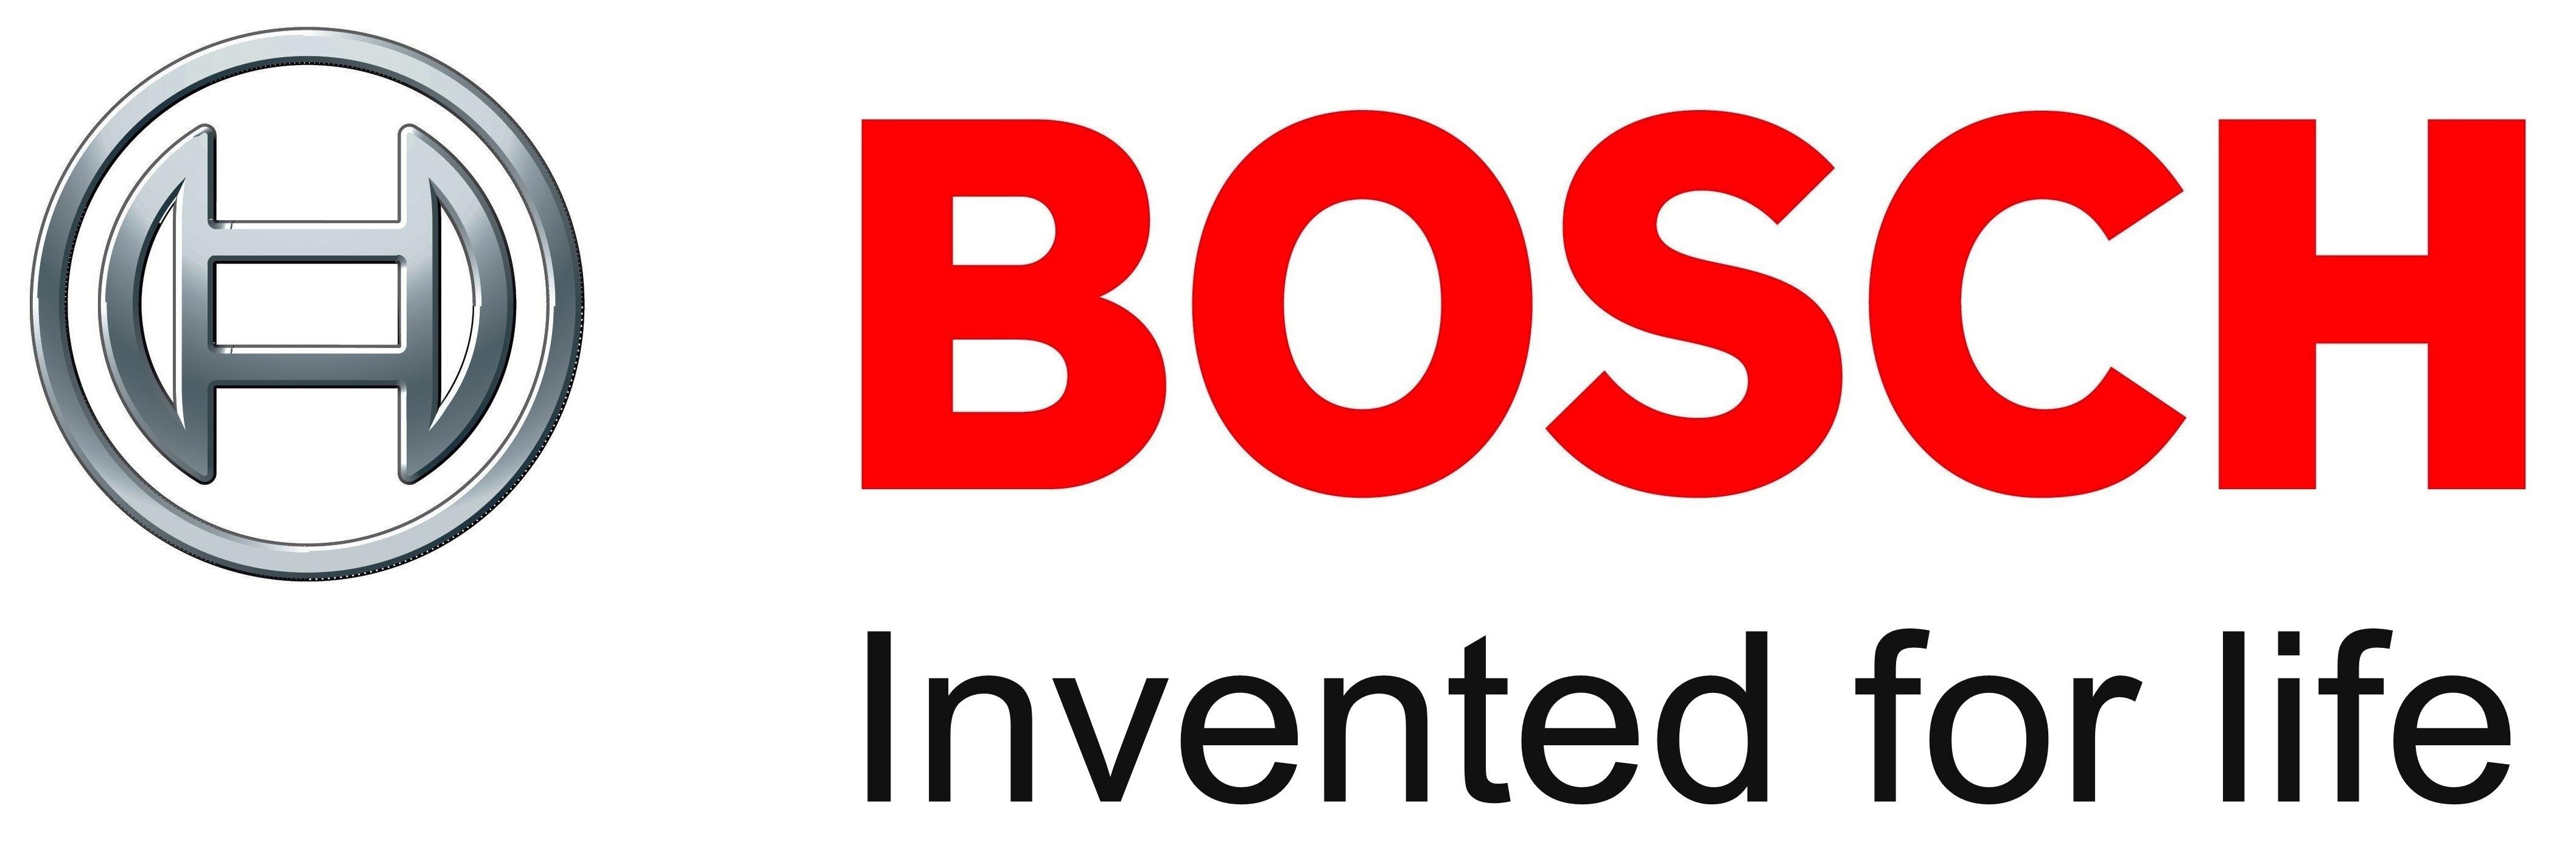 bosch-tools-logo